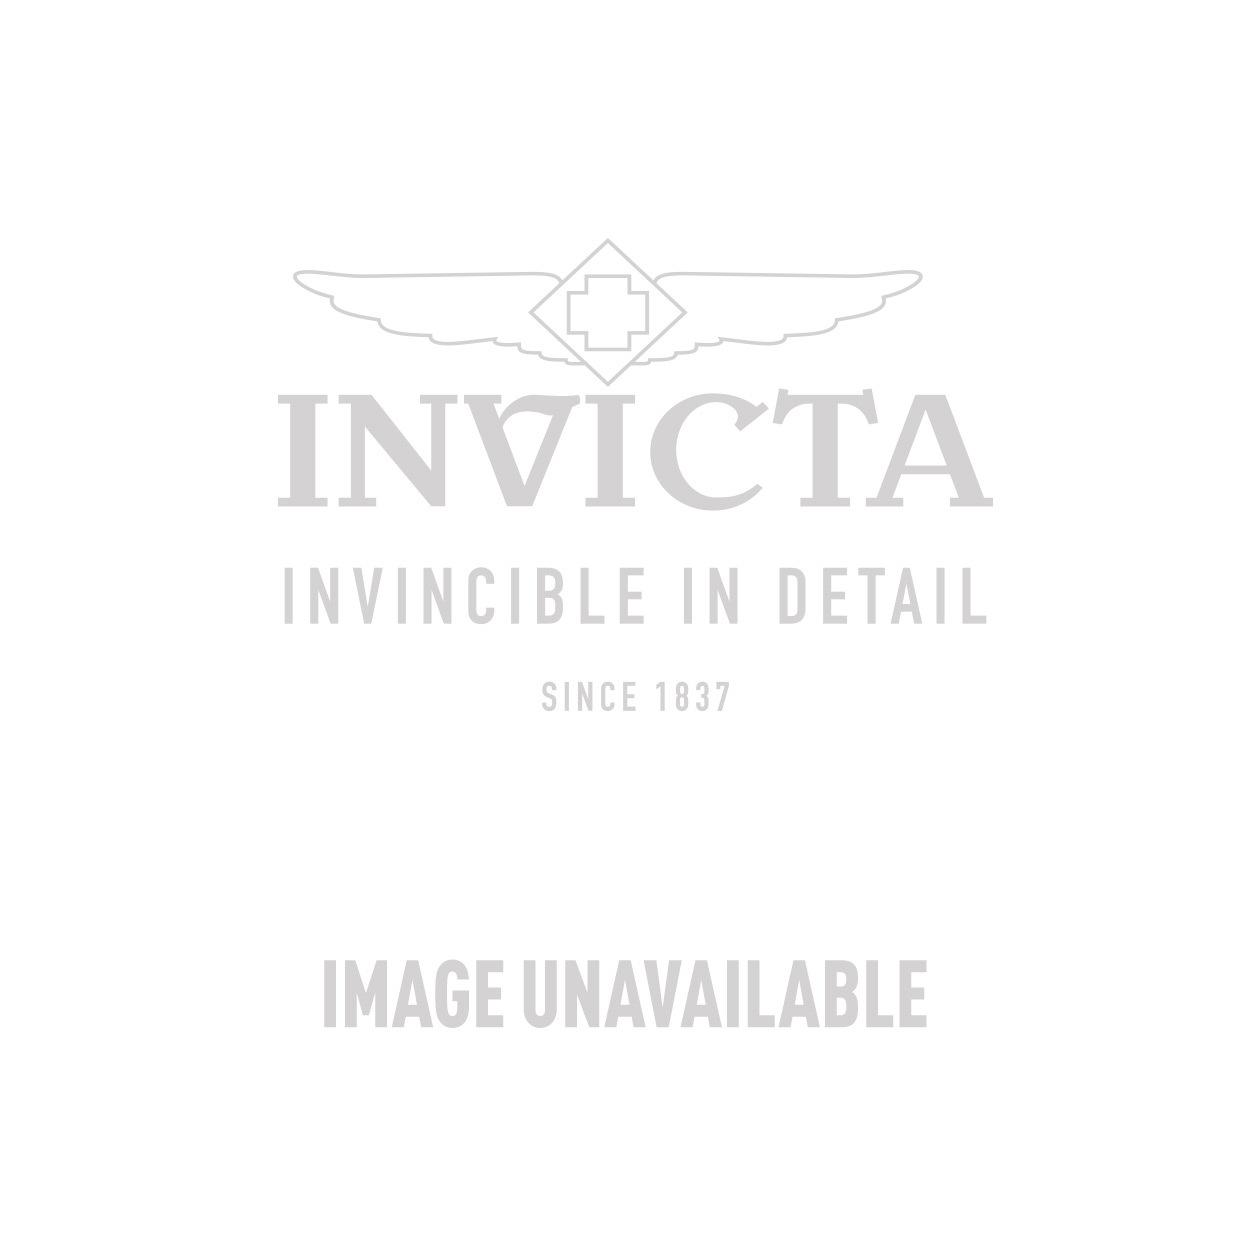 Invicta Model 25140